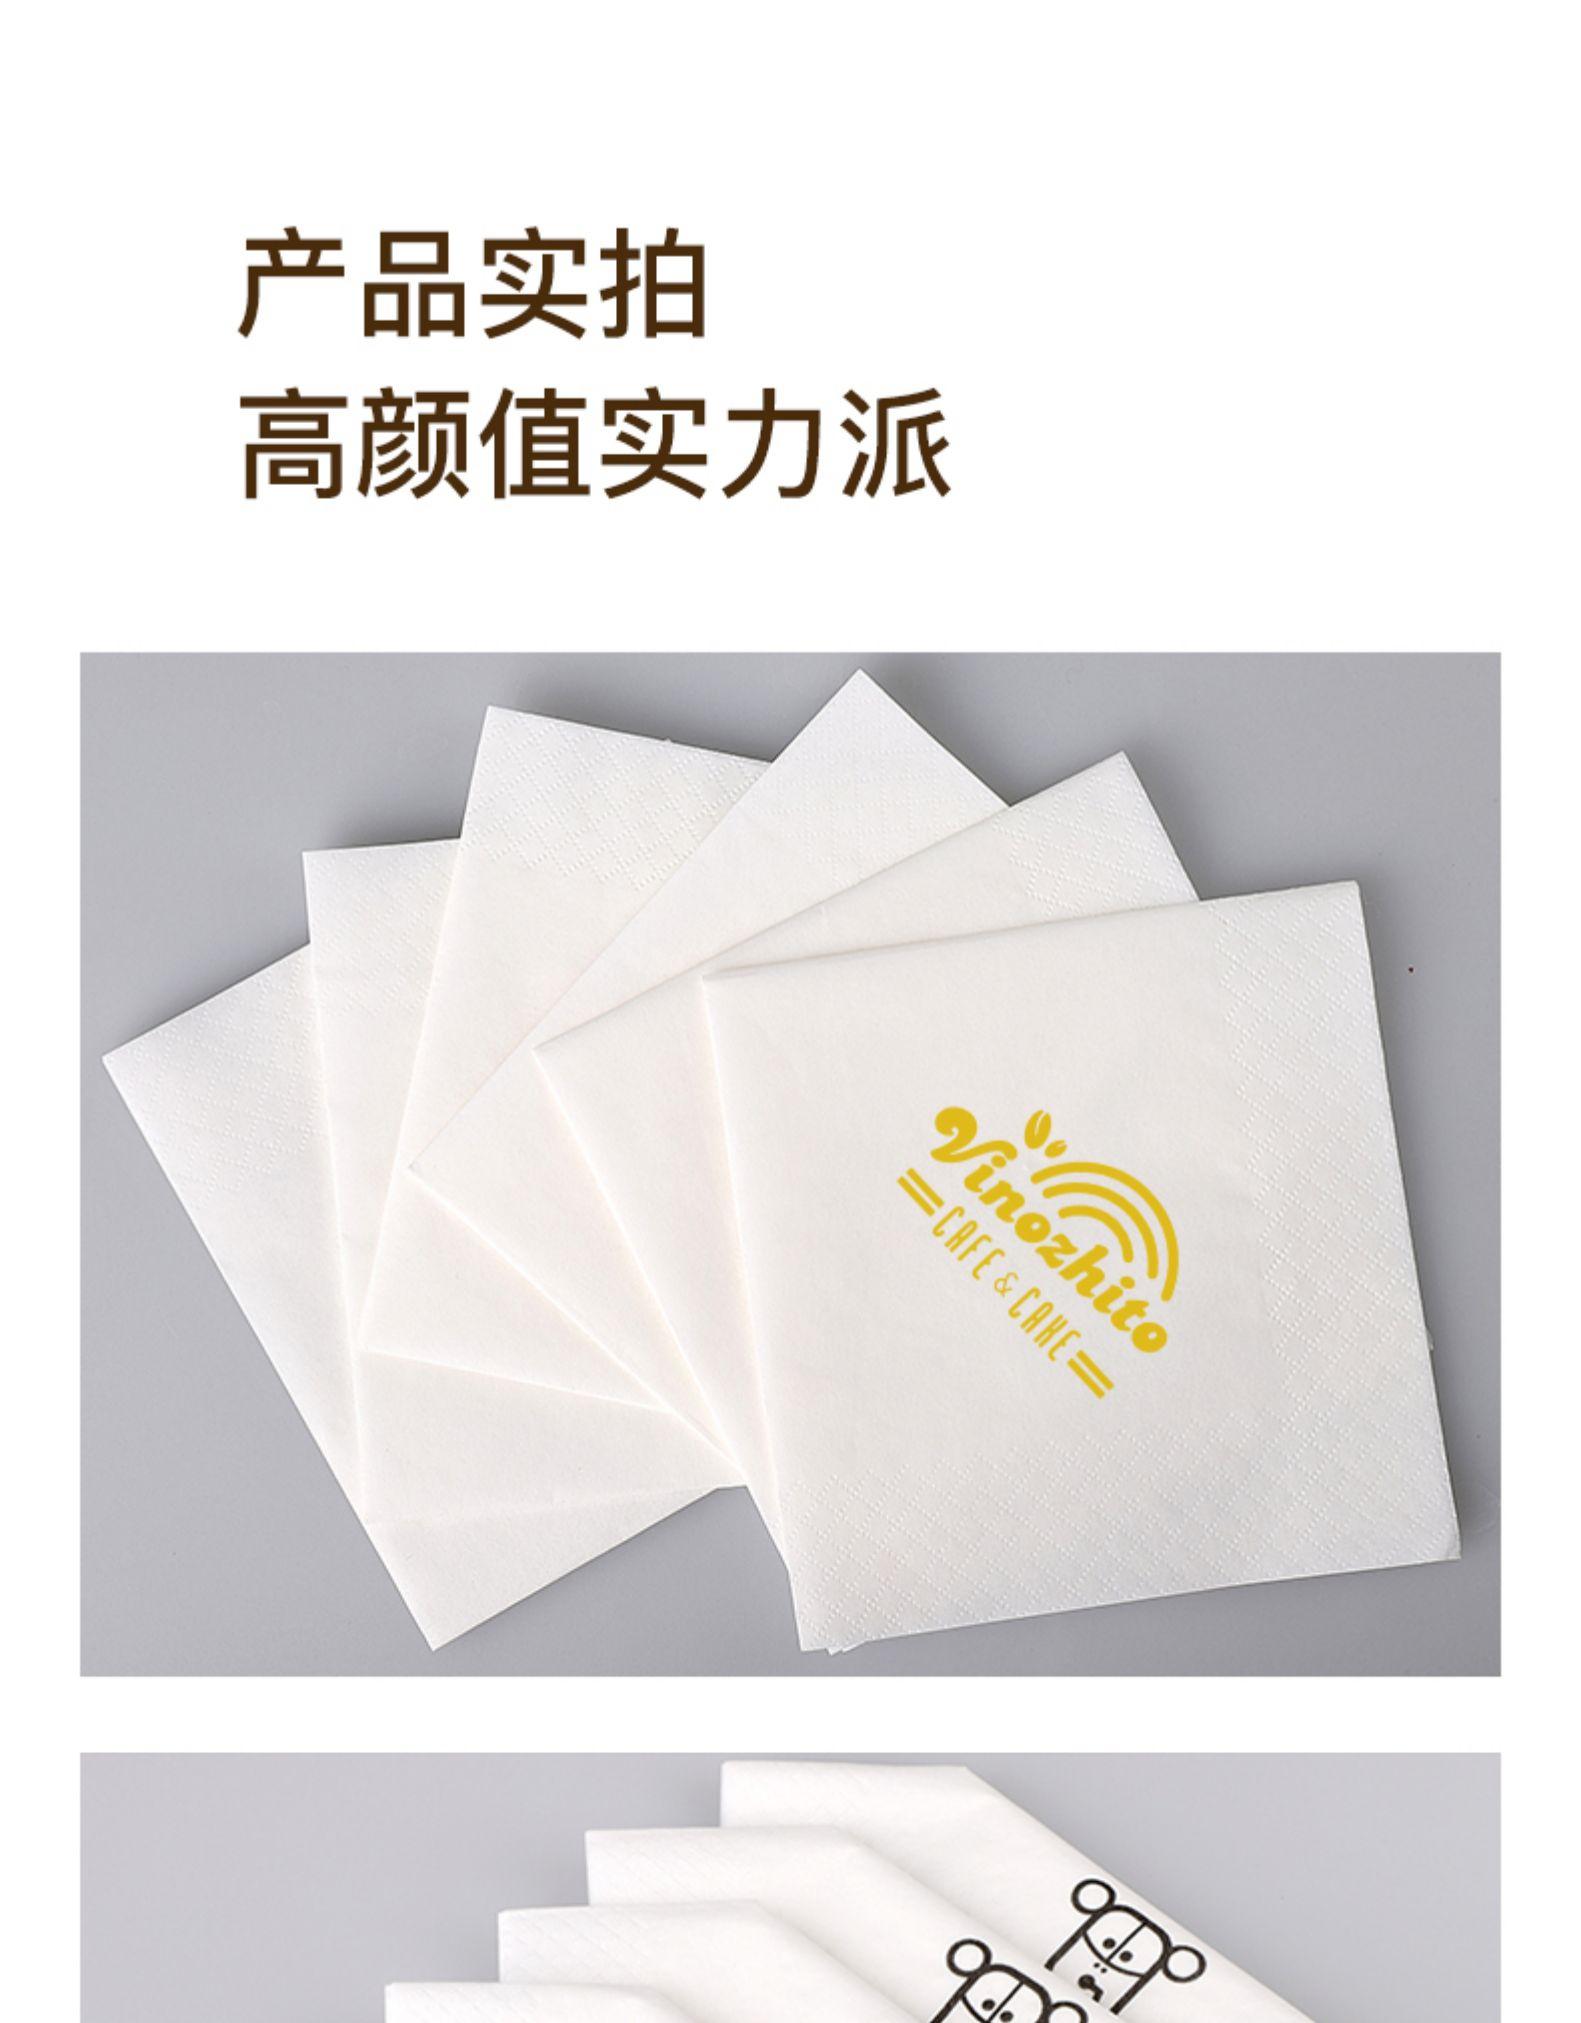 餐巾纸定製可印饭厅饭店用纸广告纸巾订做外送方巾抽取式卫生纸纸批发详细照片